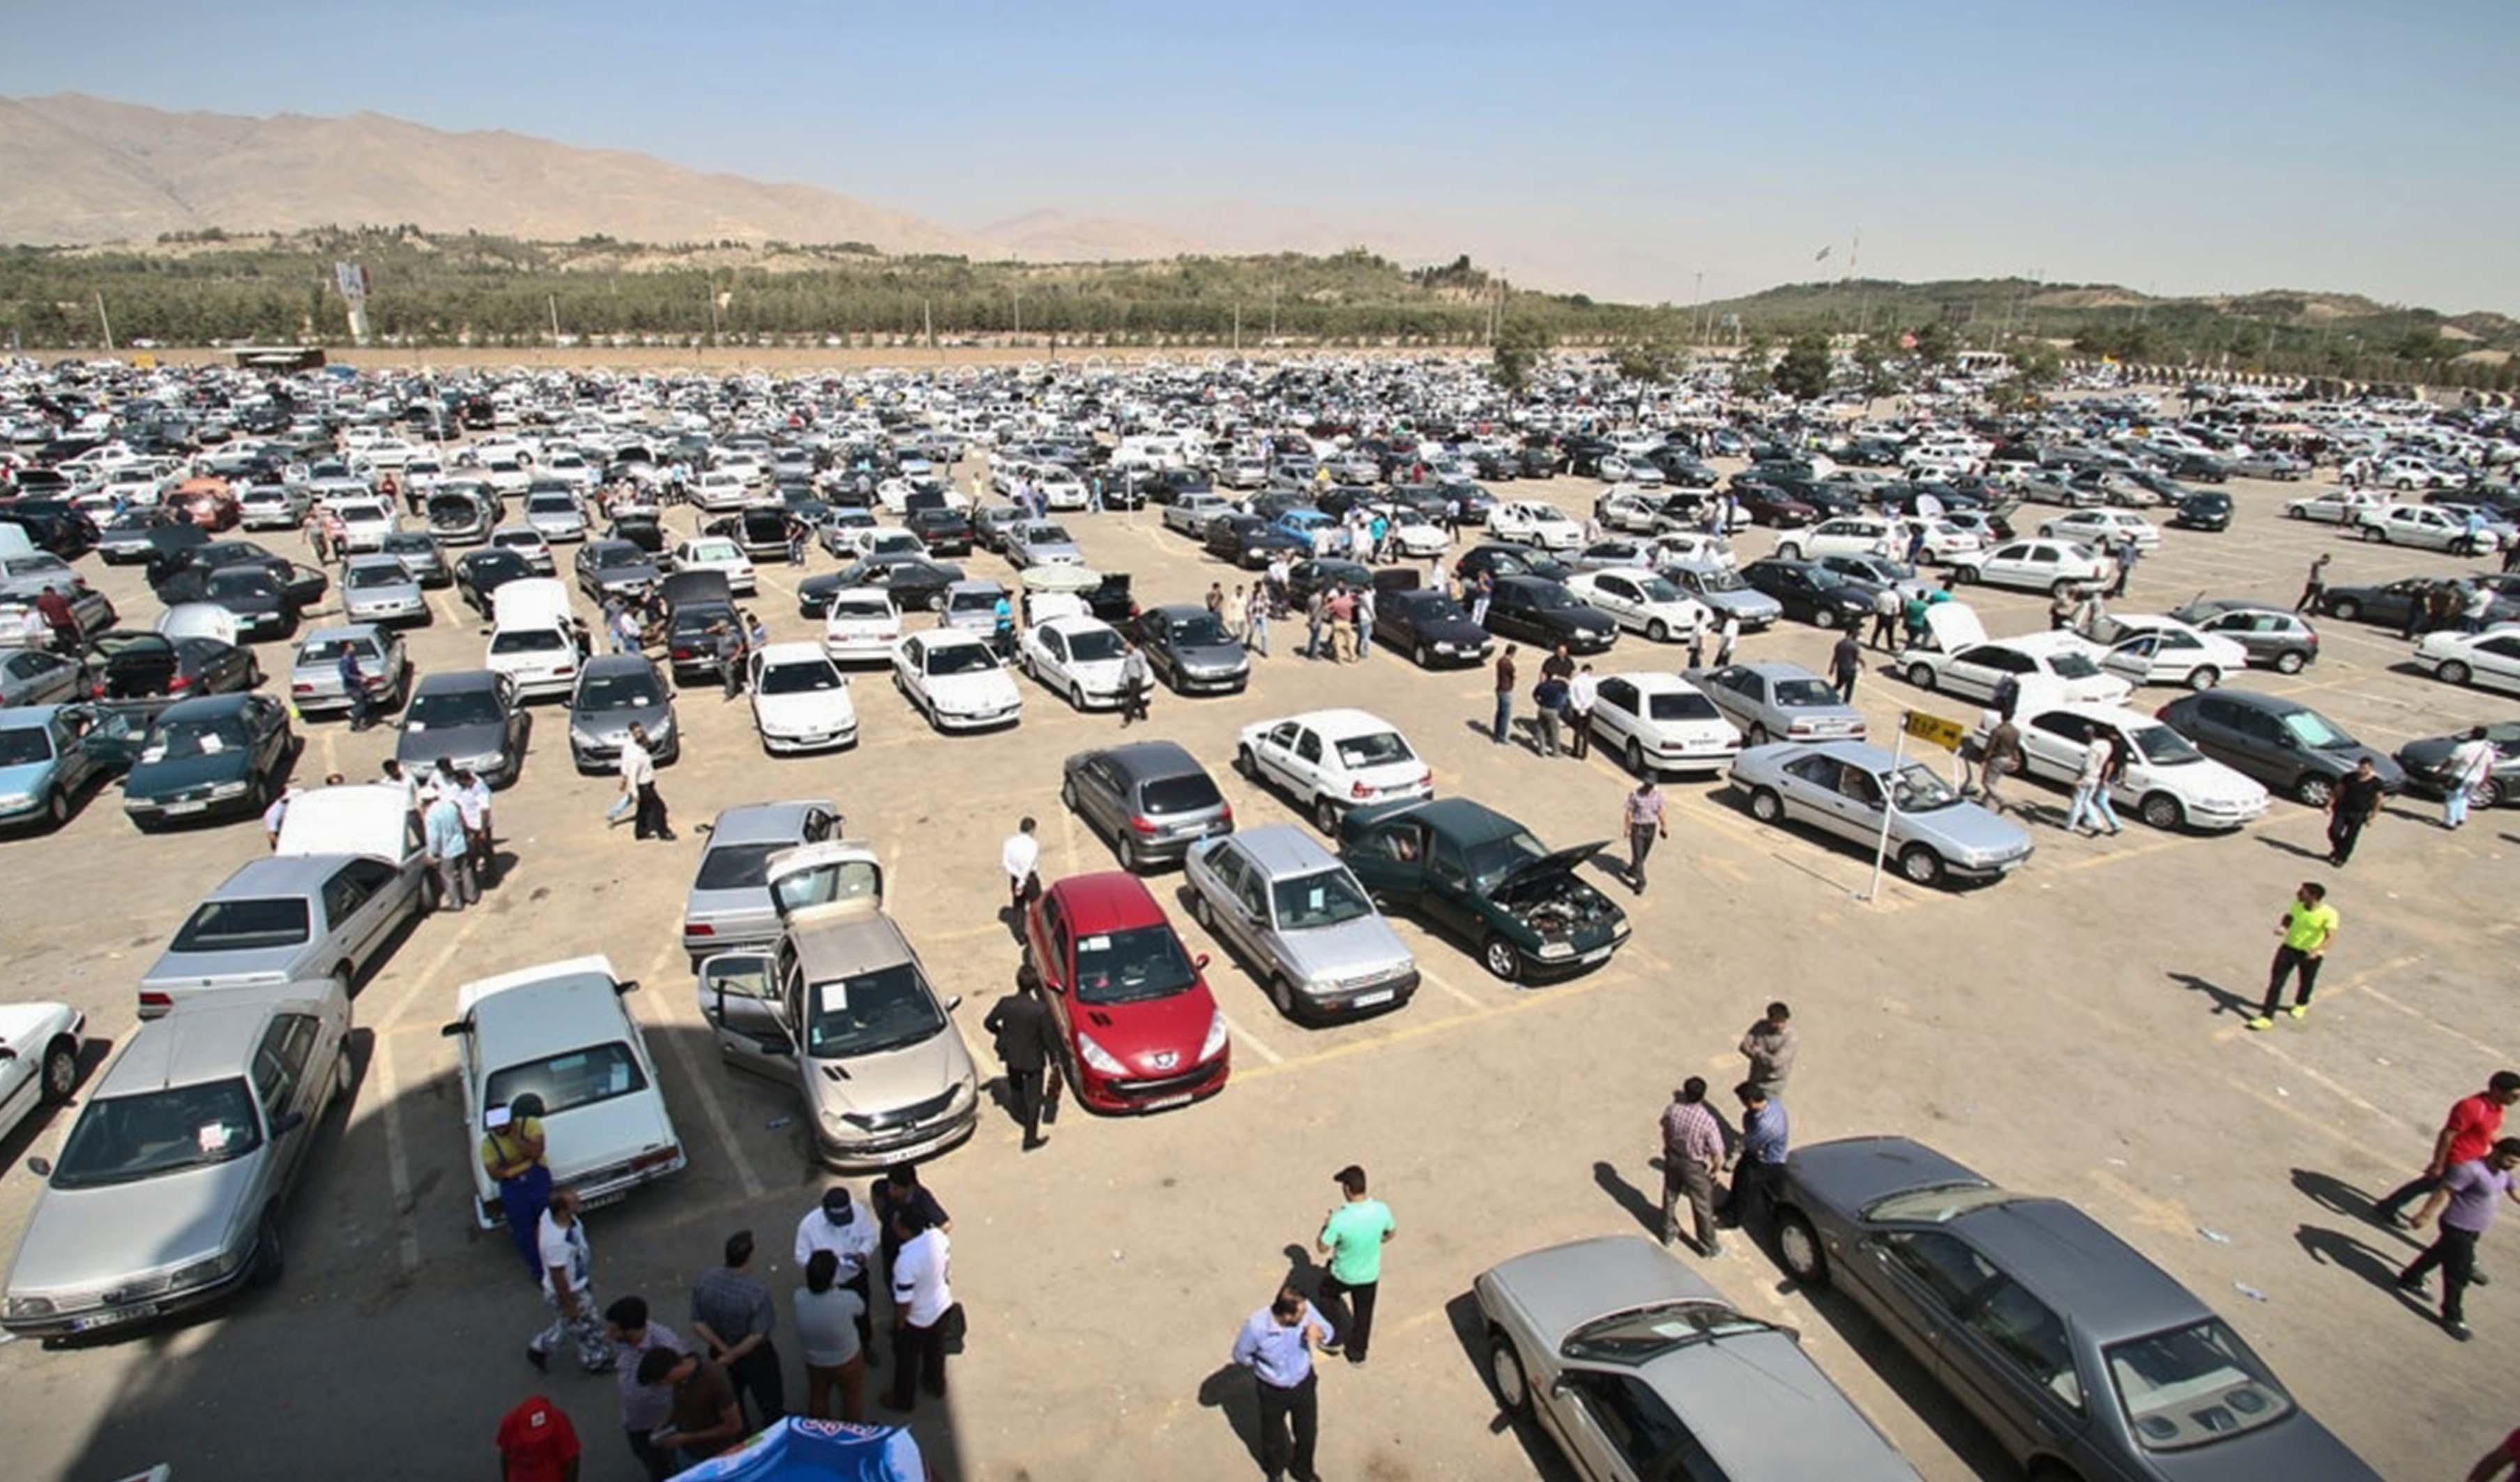 بازار خودرو هم در انتظار مذاکرات وین/ خودروی ۱۲ میلیارد تومانی در بازار موجود است